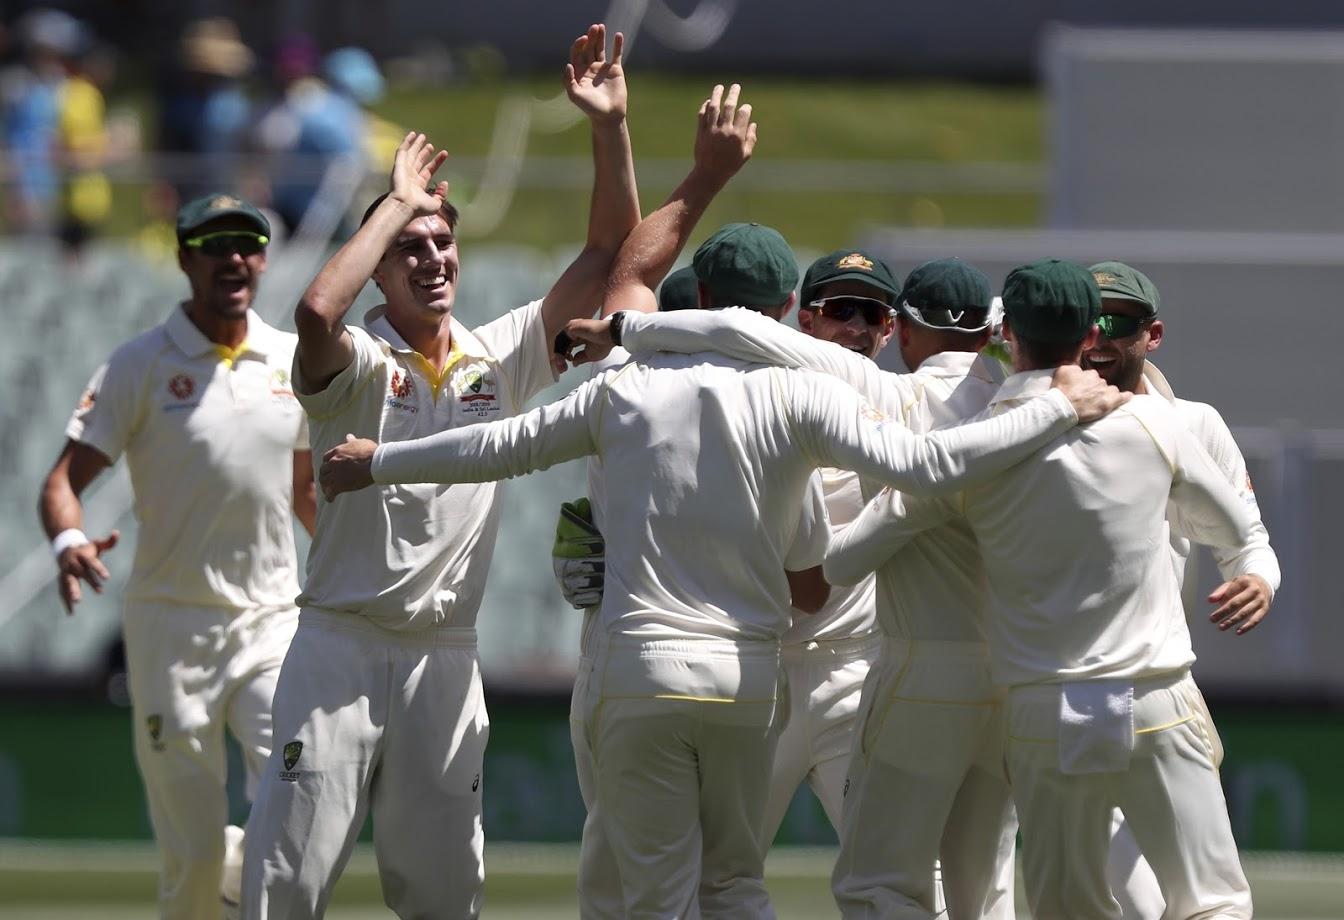 ऑस्ट्रेलियाचे स्टार खेळाडू स्टीव्ह स्मिथ आणि डेविड वॉर्नर बॉल टँपरिंगमुळे बॅन करण्यात आले आहे. या दोघांशिवाय ऑस्ट्रेलियाचे खेळआडू एडिलेडमध्ये खेळायला उतरले.